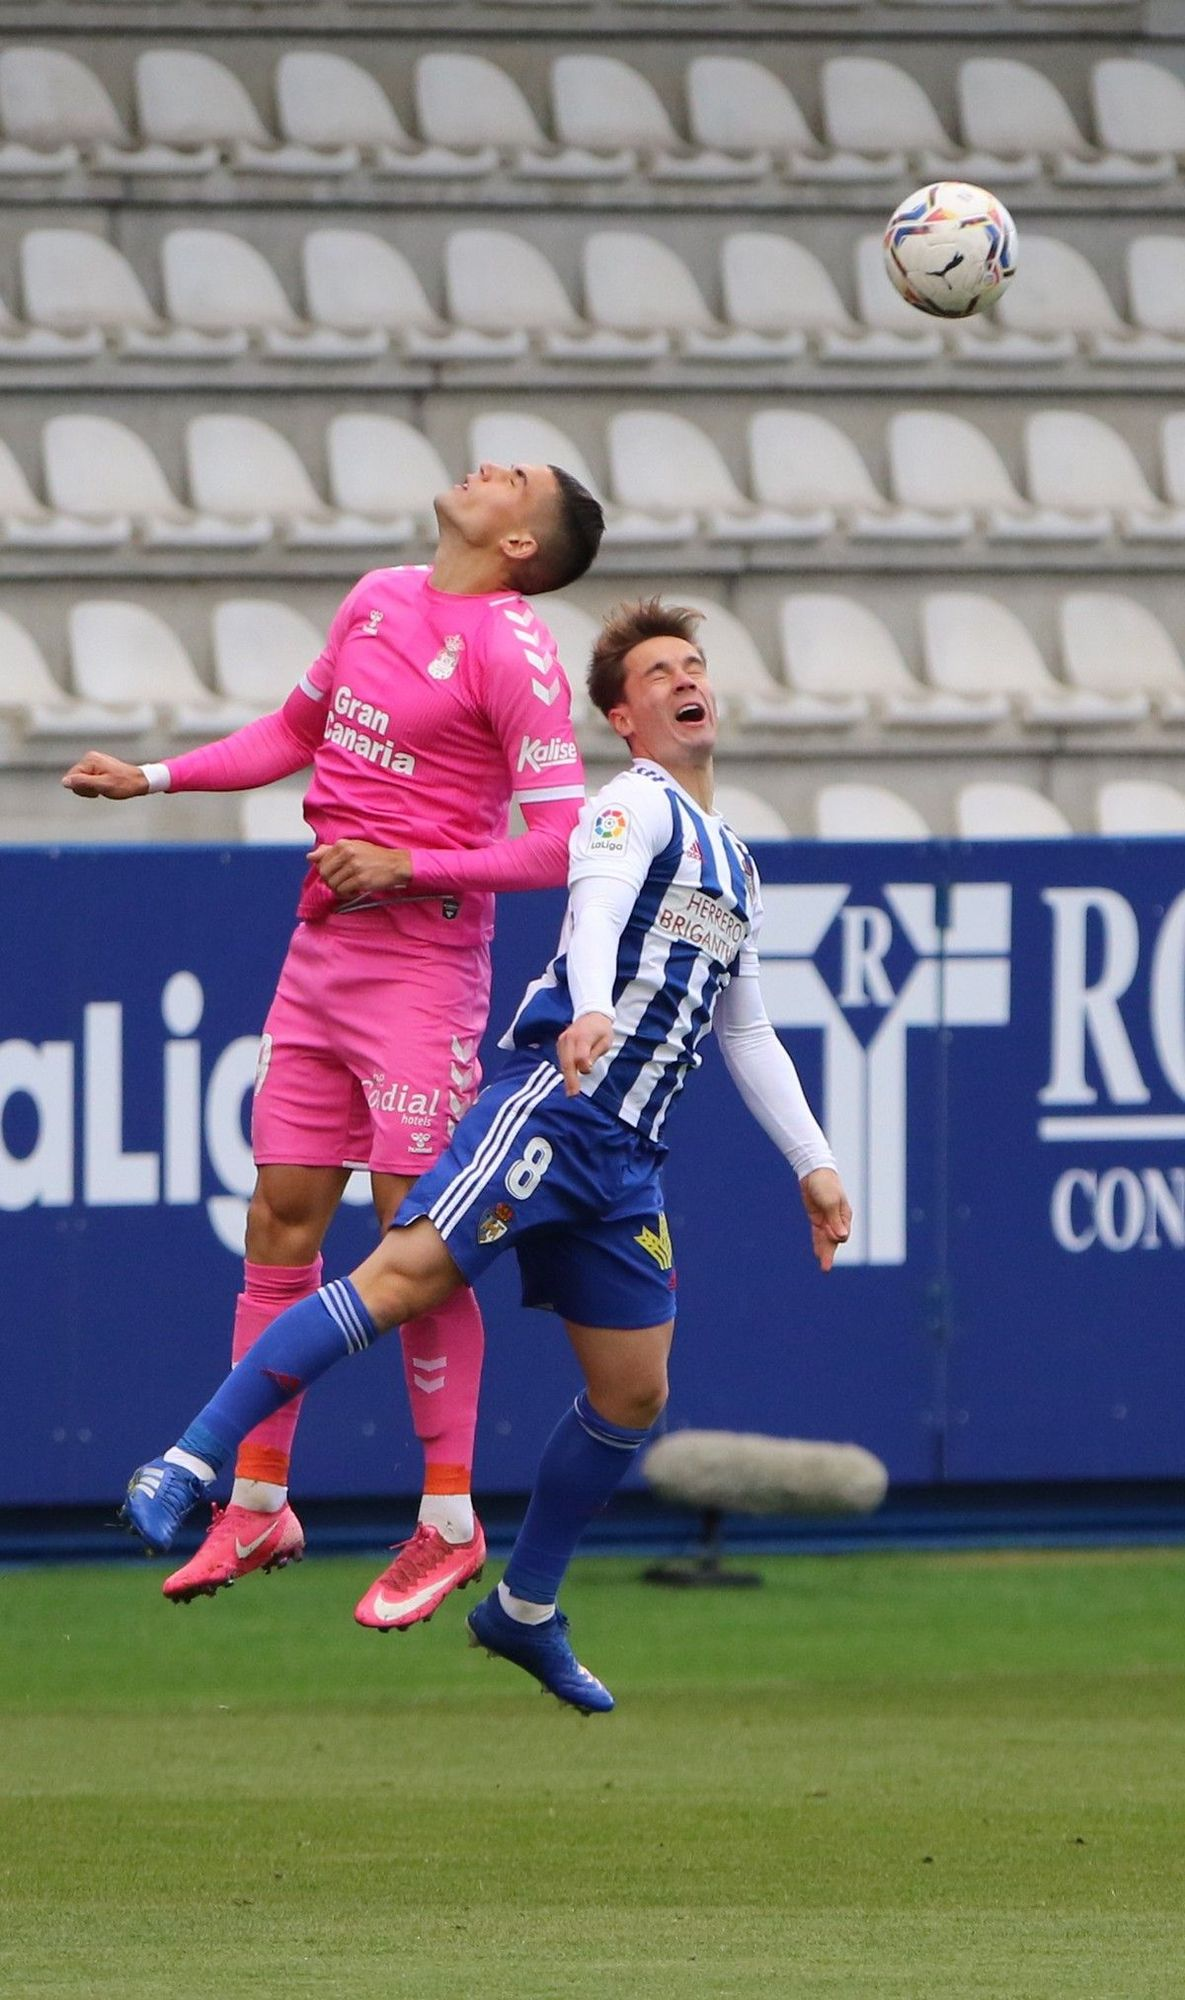 Liga Smartbank: SD Ponferradina 0 - 0 UD Las Palmas